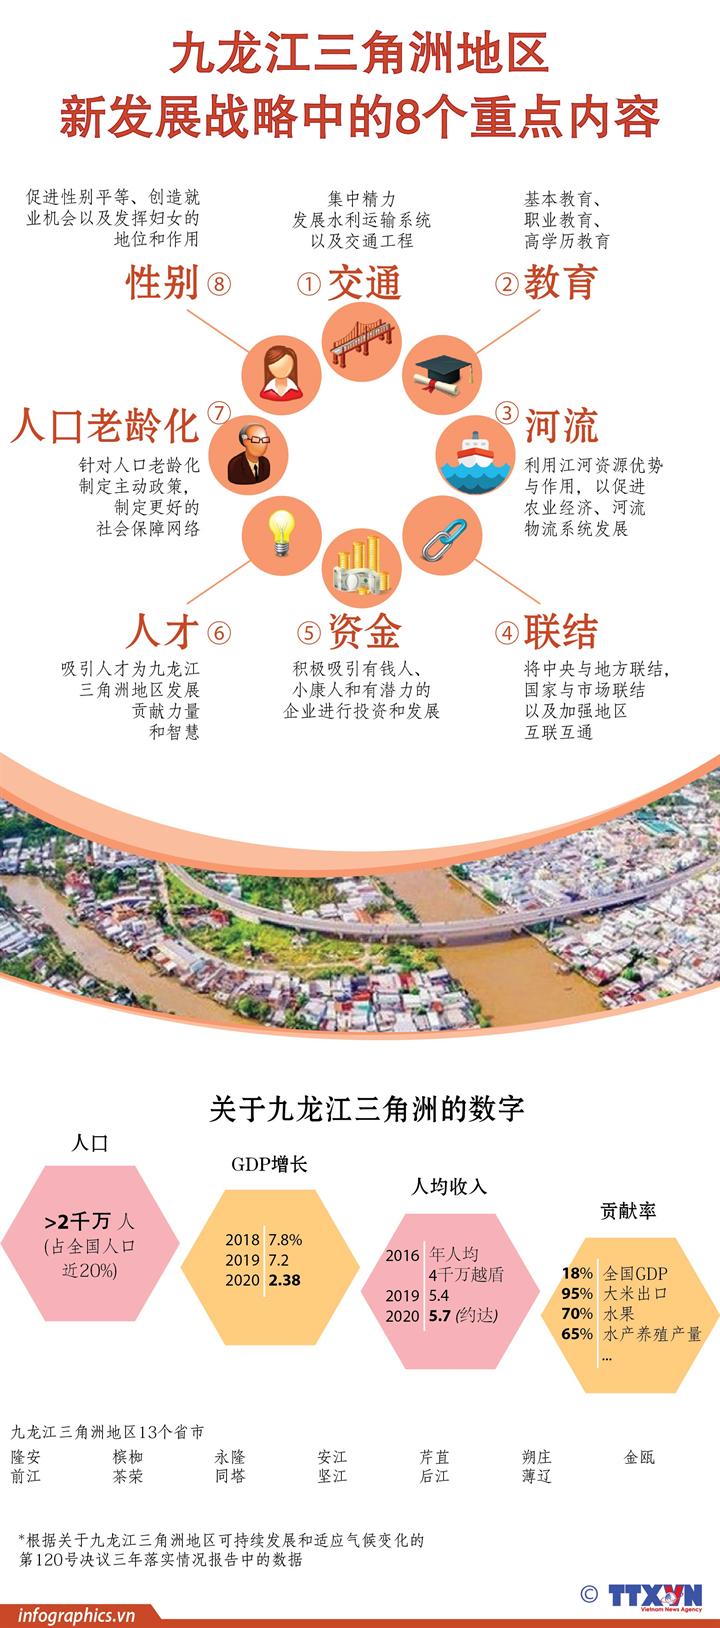 九龙江三角洲地区新发展战略中的8个重点内容